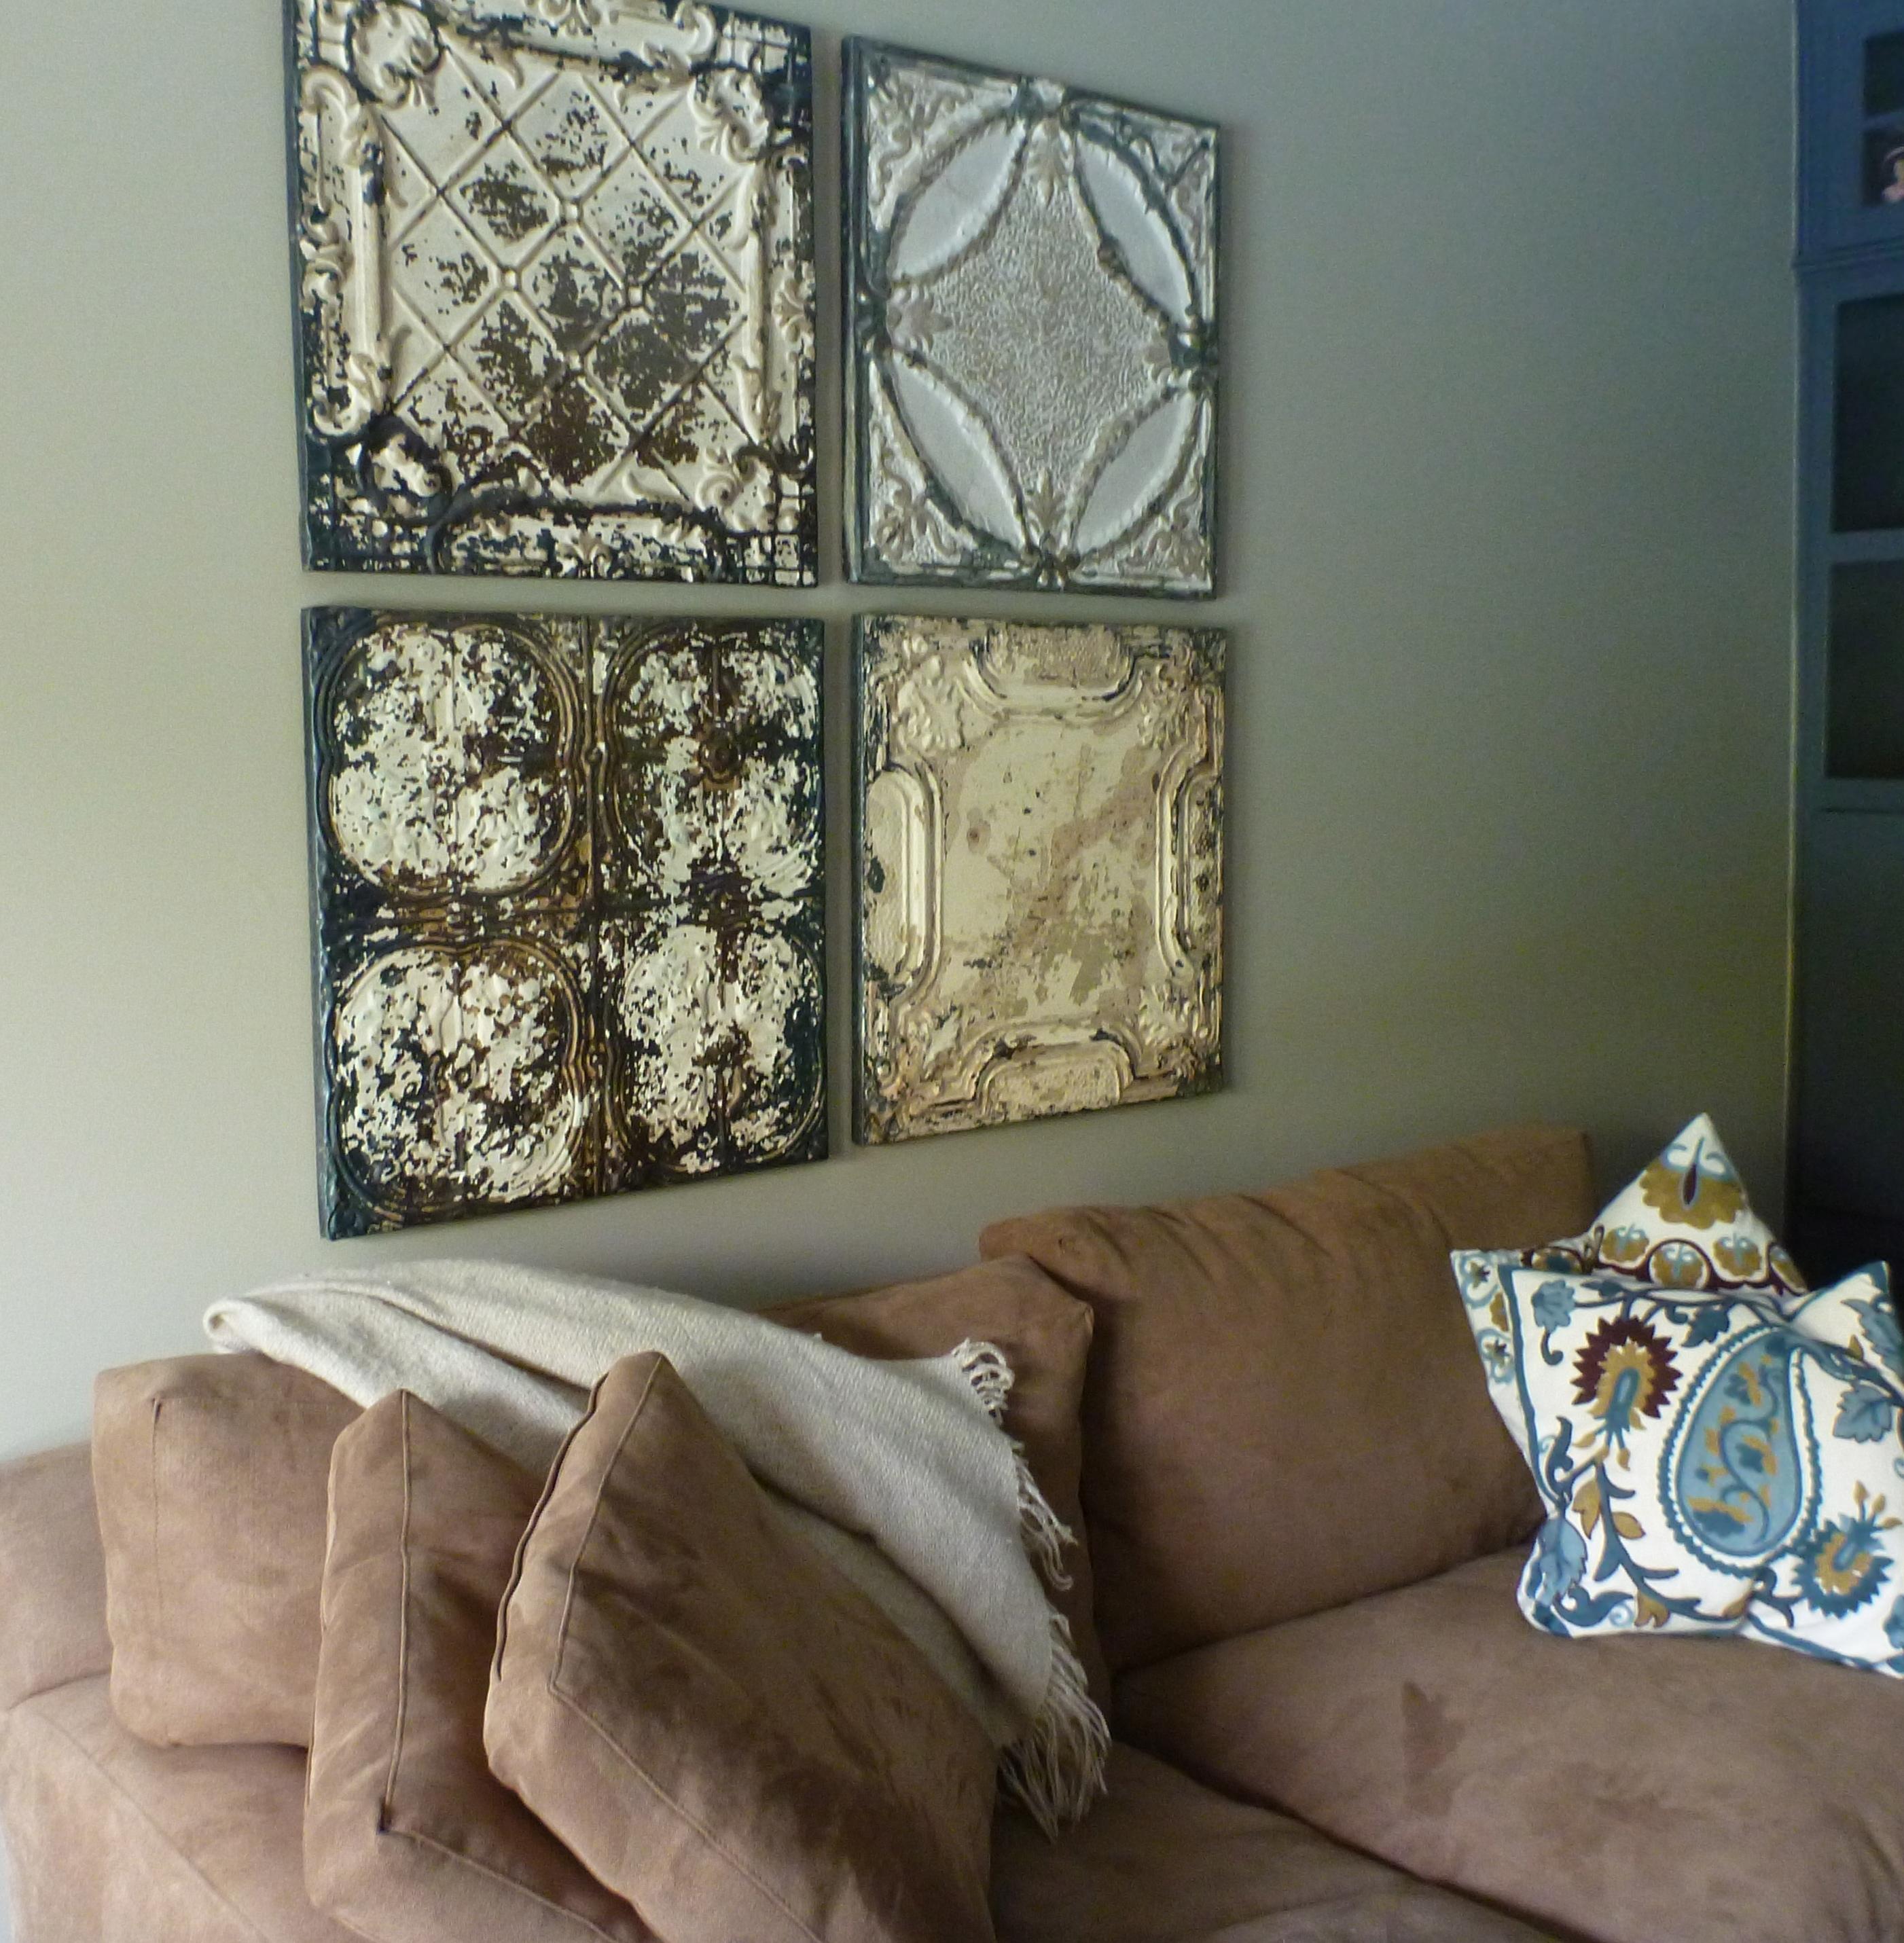 Tin Tile Wall Decor   Jonathan Steele inside Tin Wall Art (Image 14 of 20)